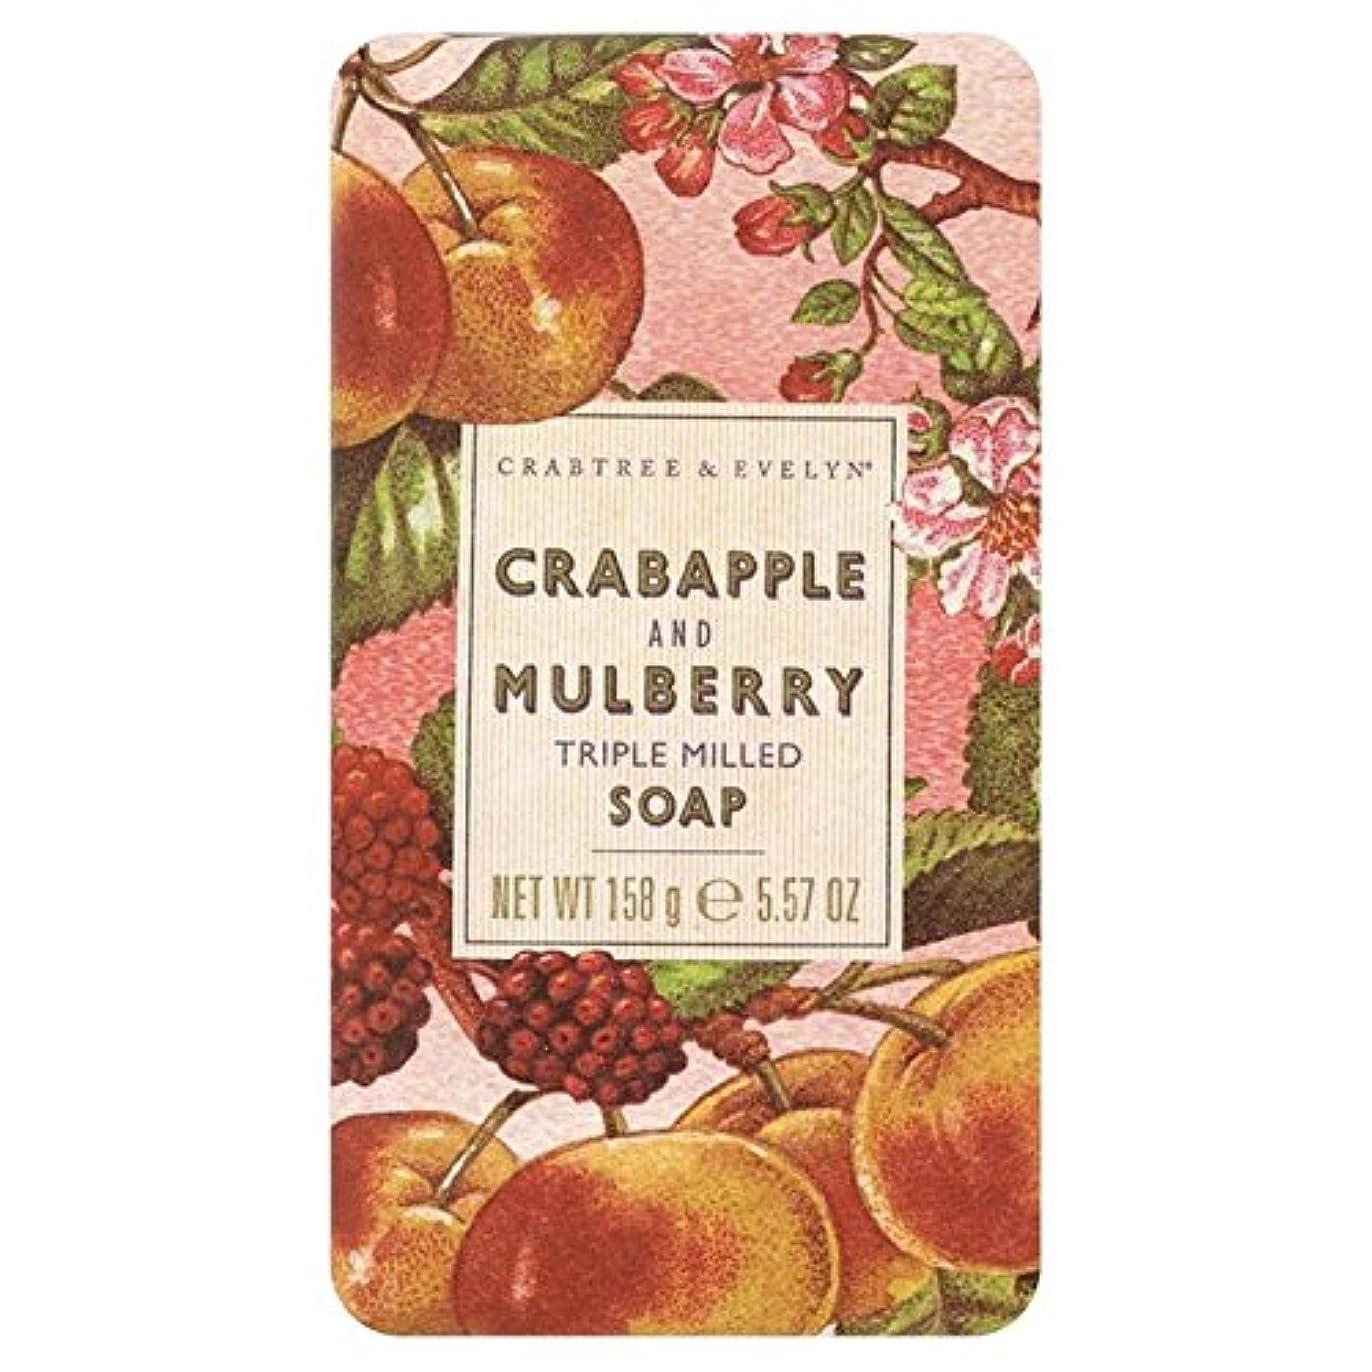 ジェームズダイソンつなぐ検閲Crabtree & Evelyn Crabapple and Mulberry Heritage Soap 150g - クラブツリー&イヴリンと桑遺産石鹸150グラム [並行輸入品]